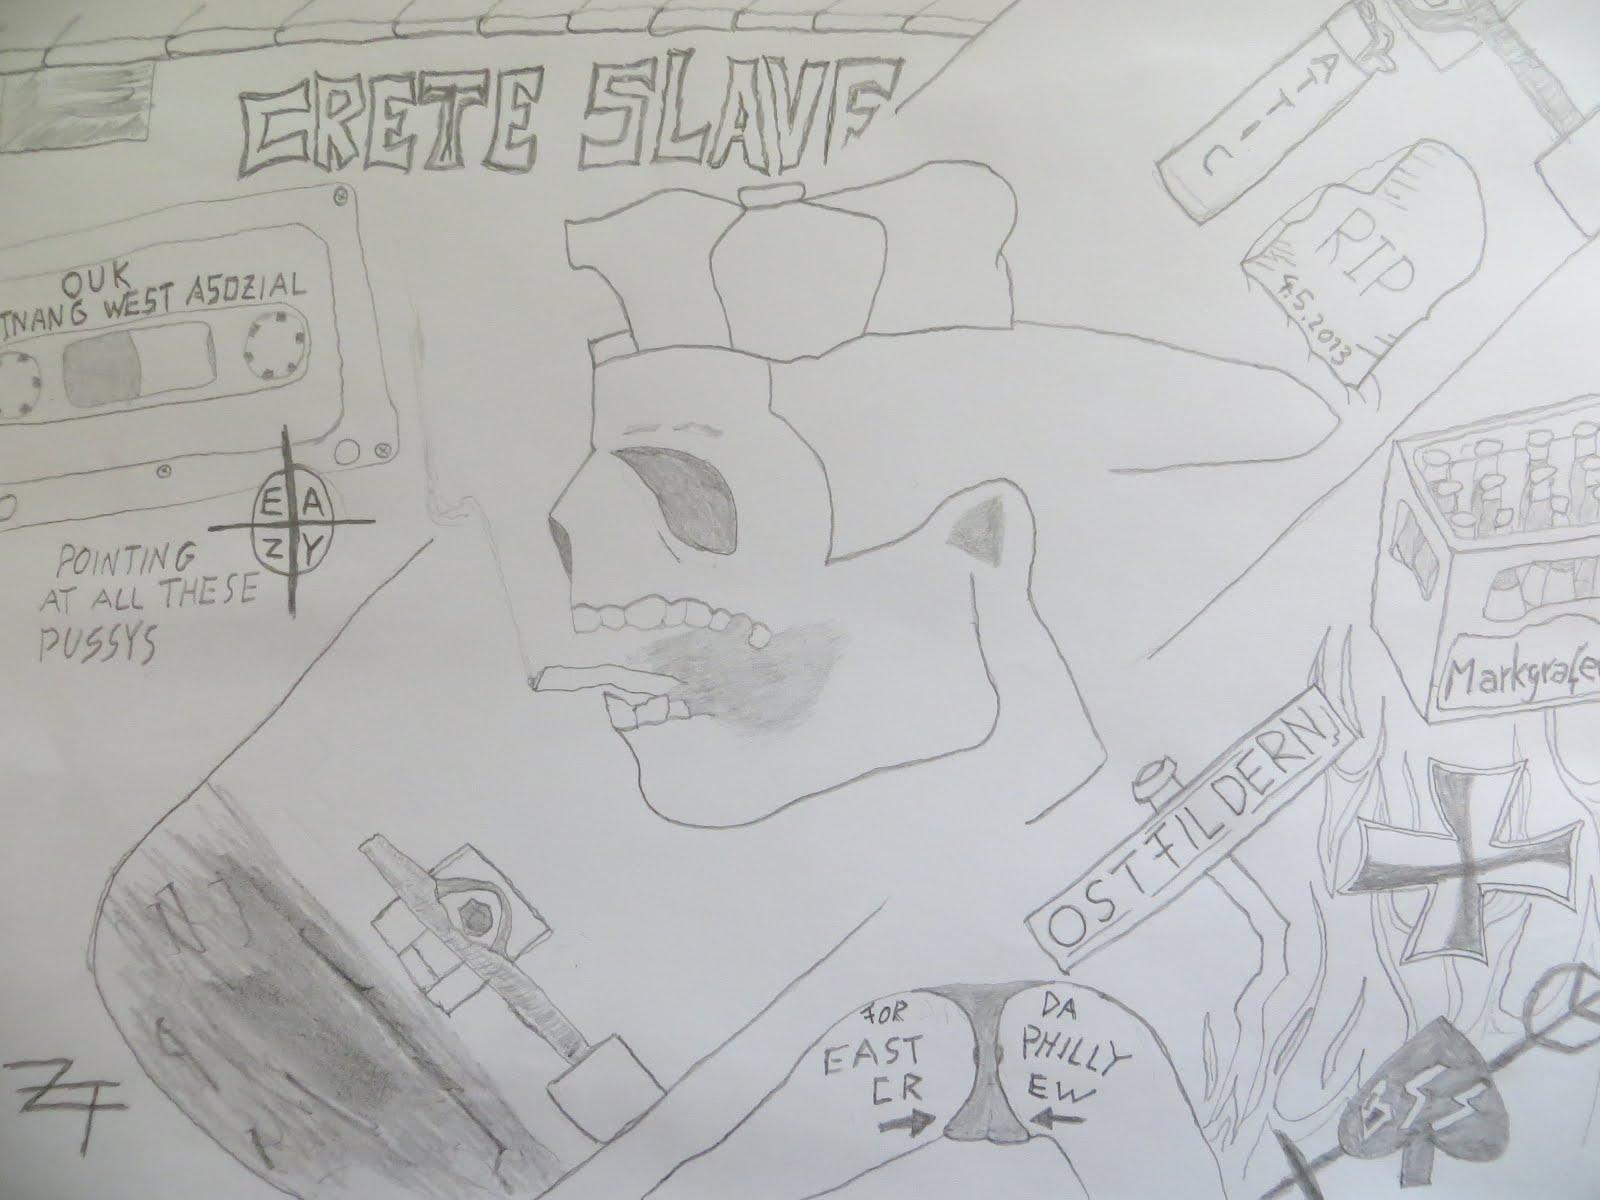 crete-slave